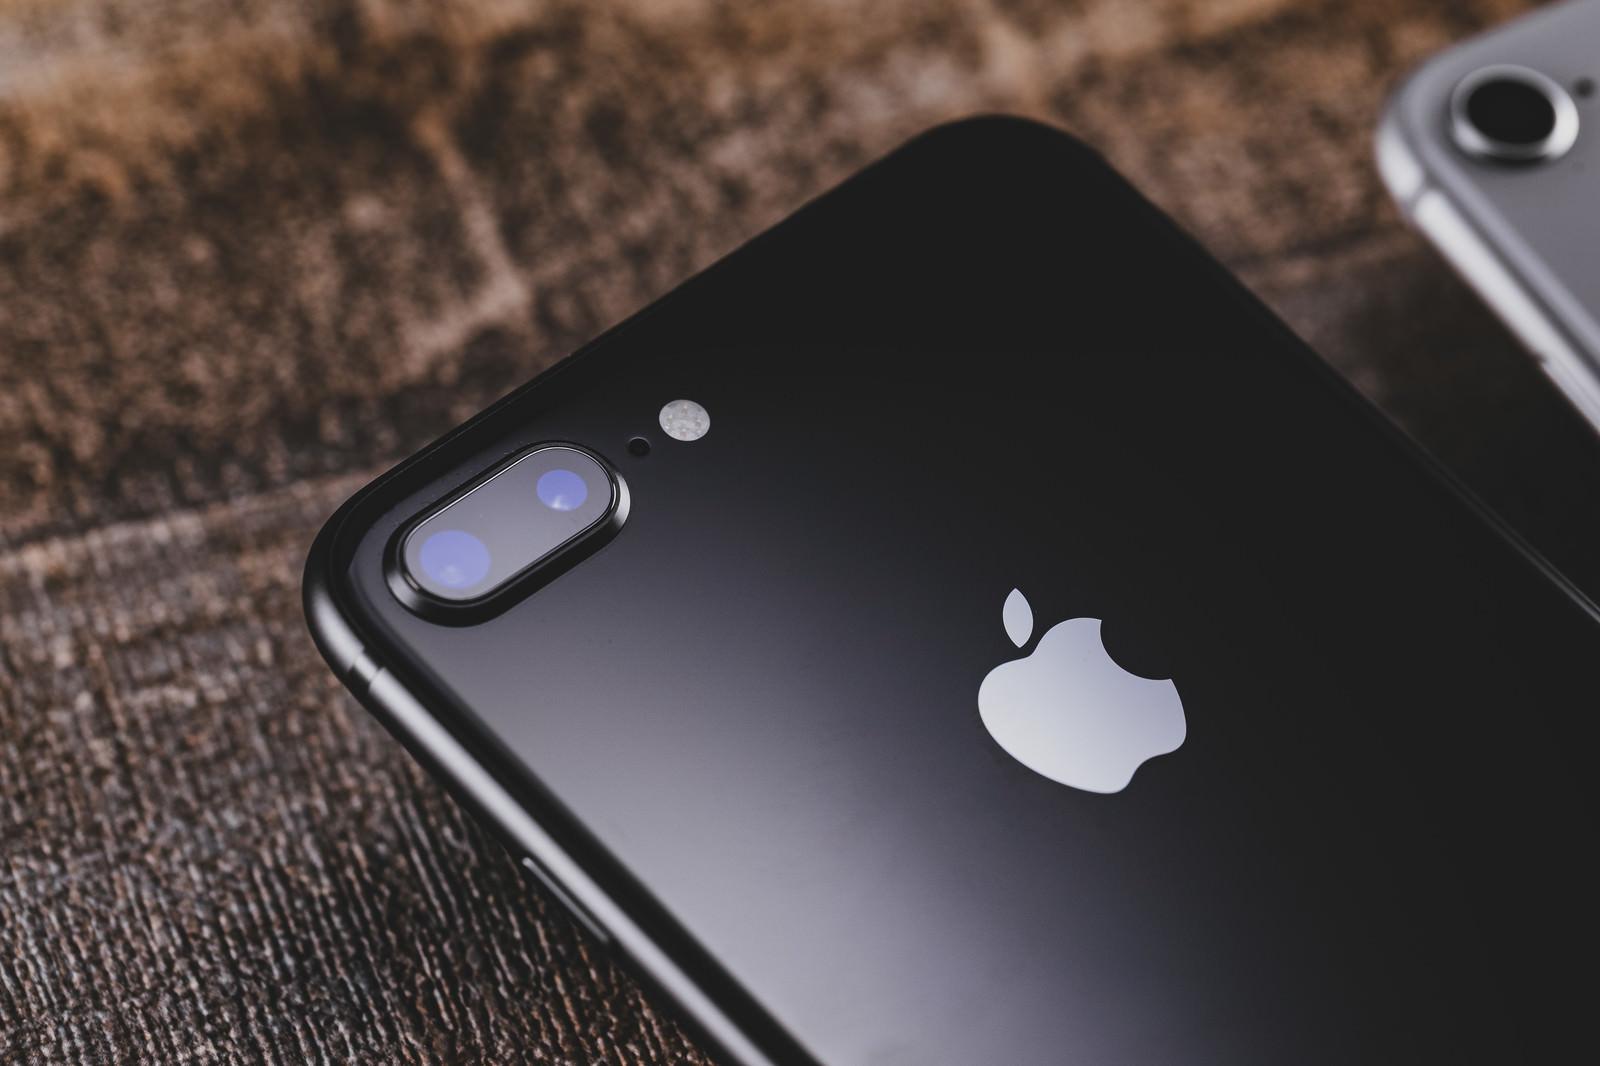 「新しくなったデュアルレンズカメラ(iPhone) | 写真の無料素材・フリー素材 - ぱくたそ」の写真